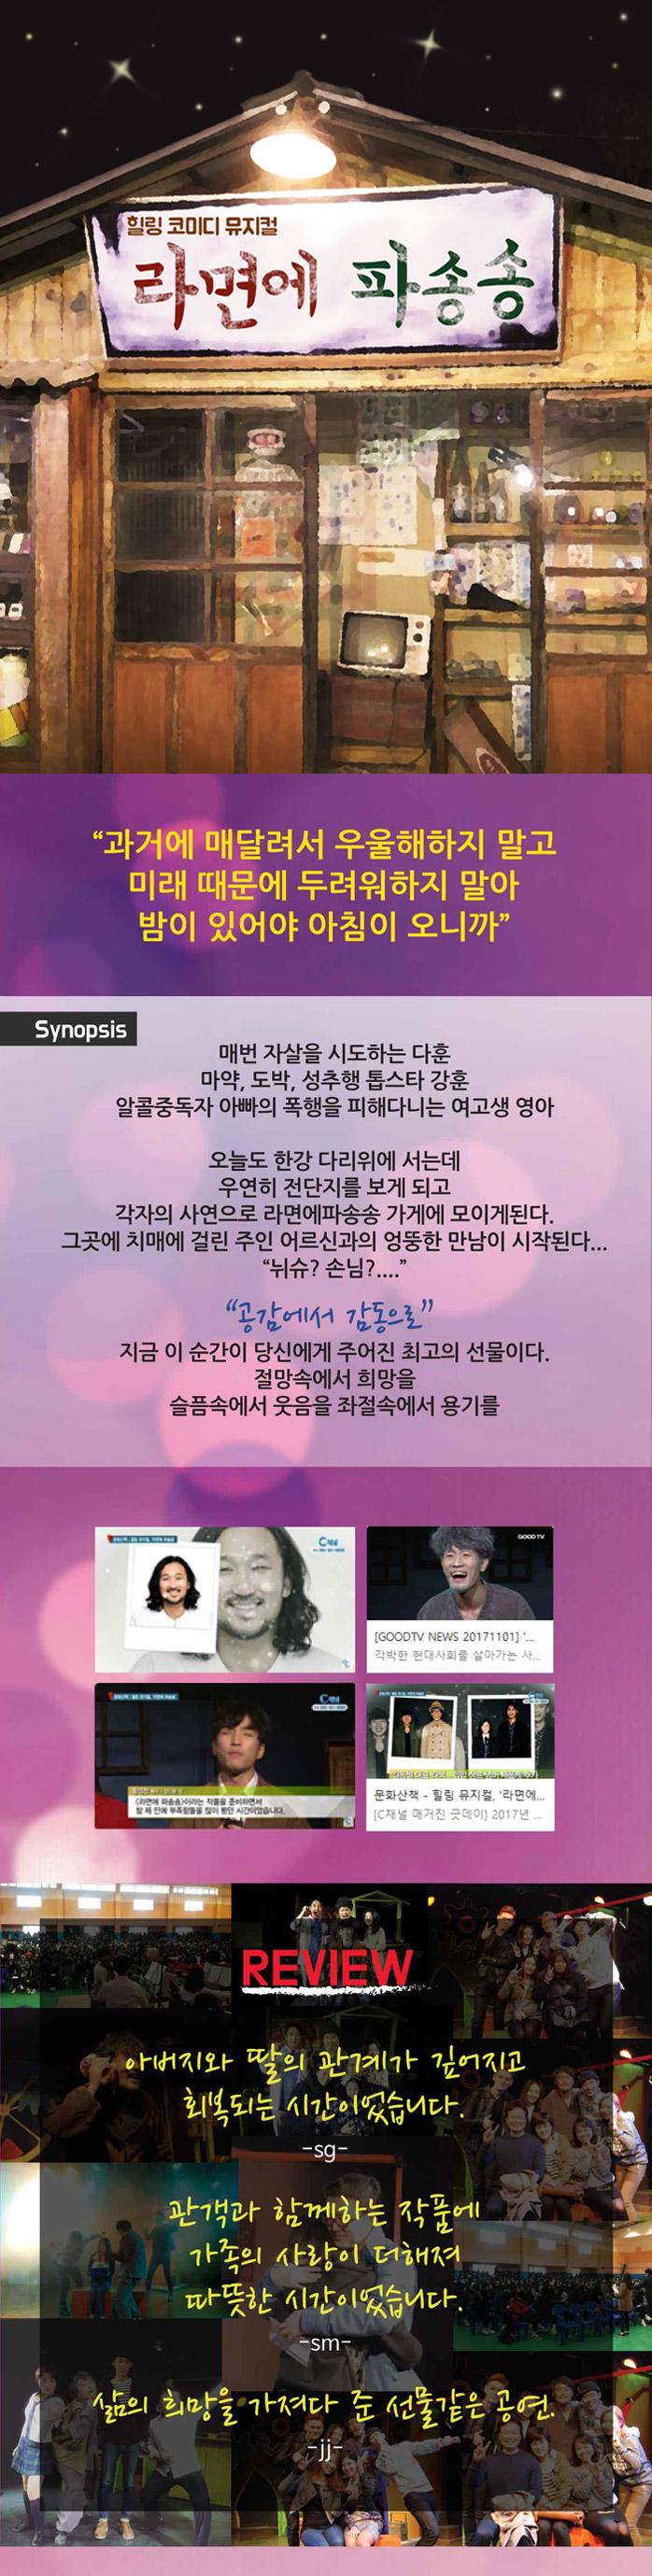 뮤지컬-라면에 파송송